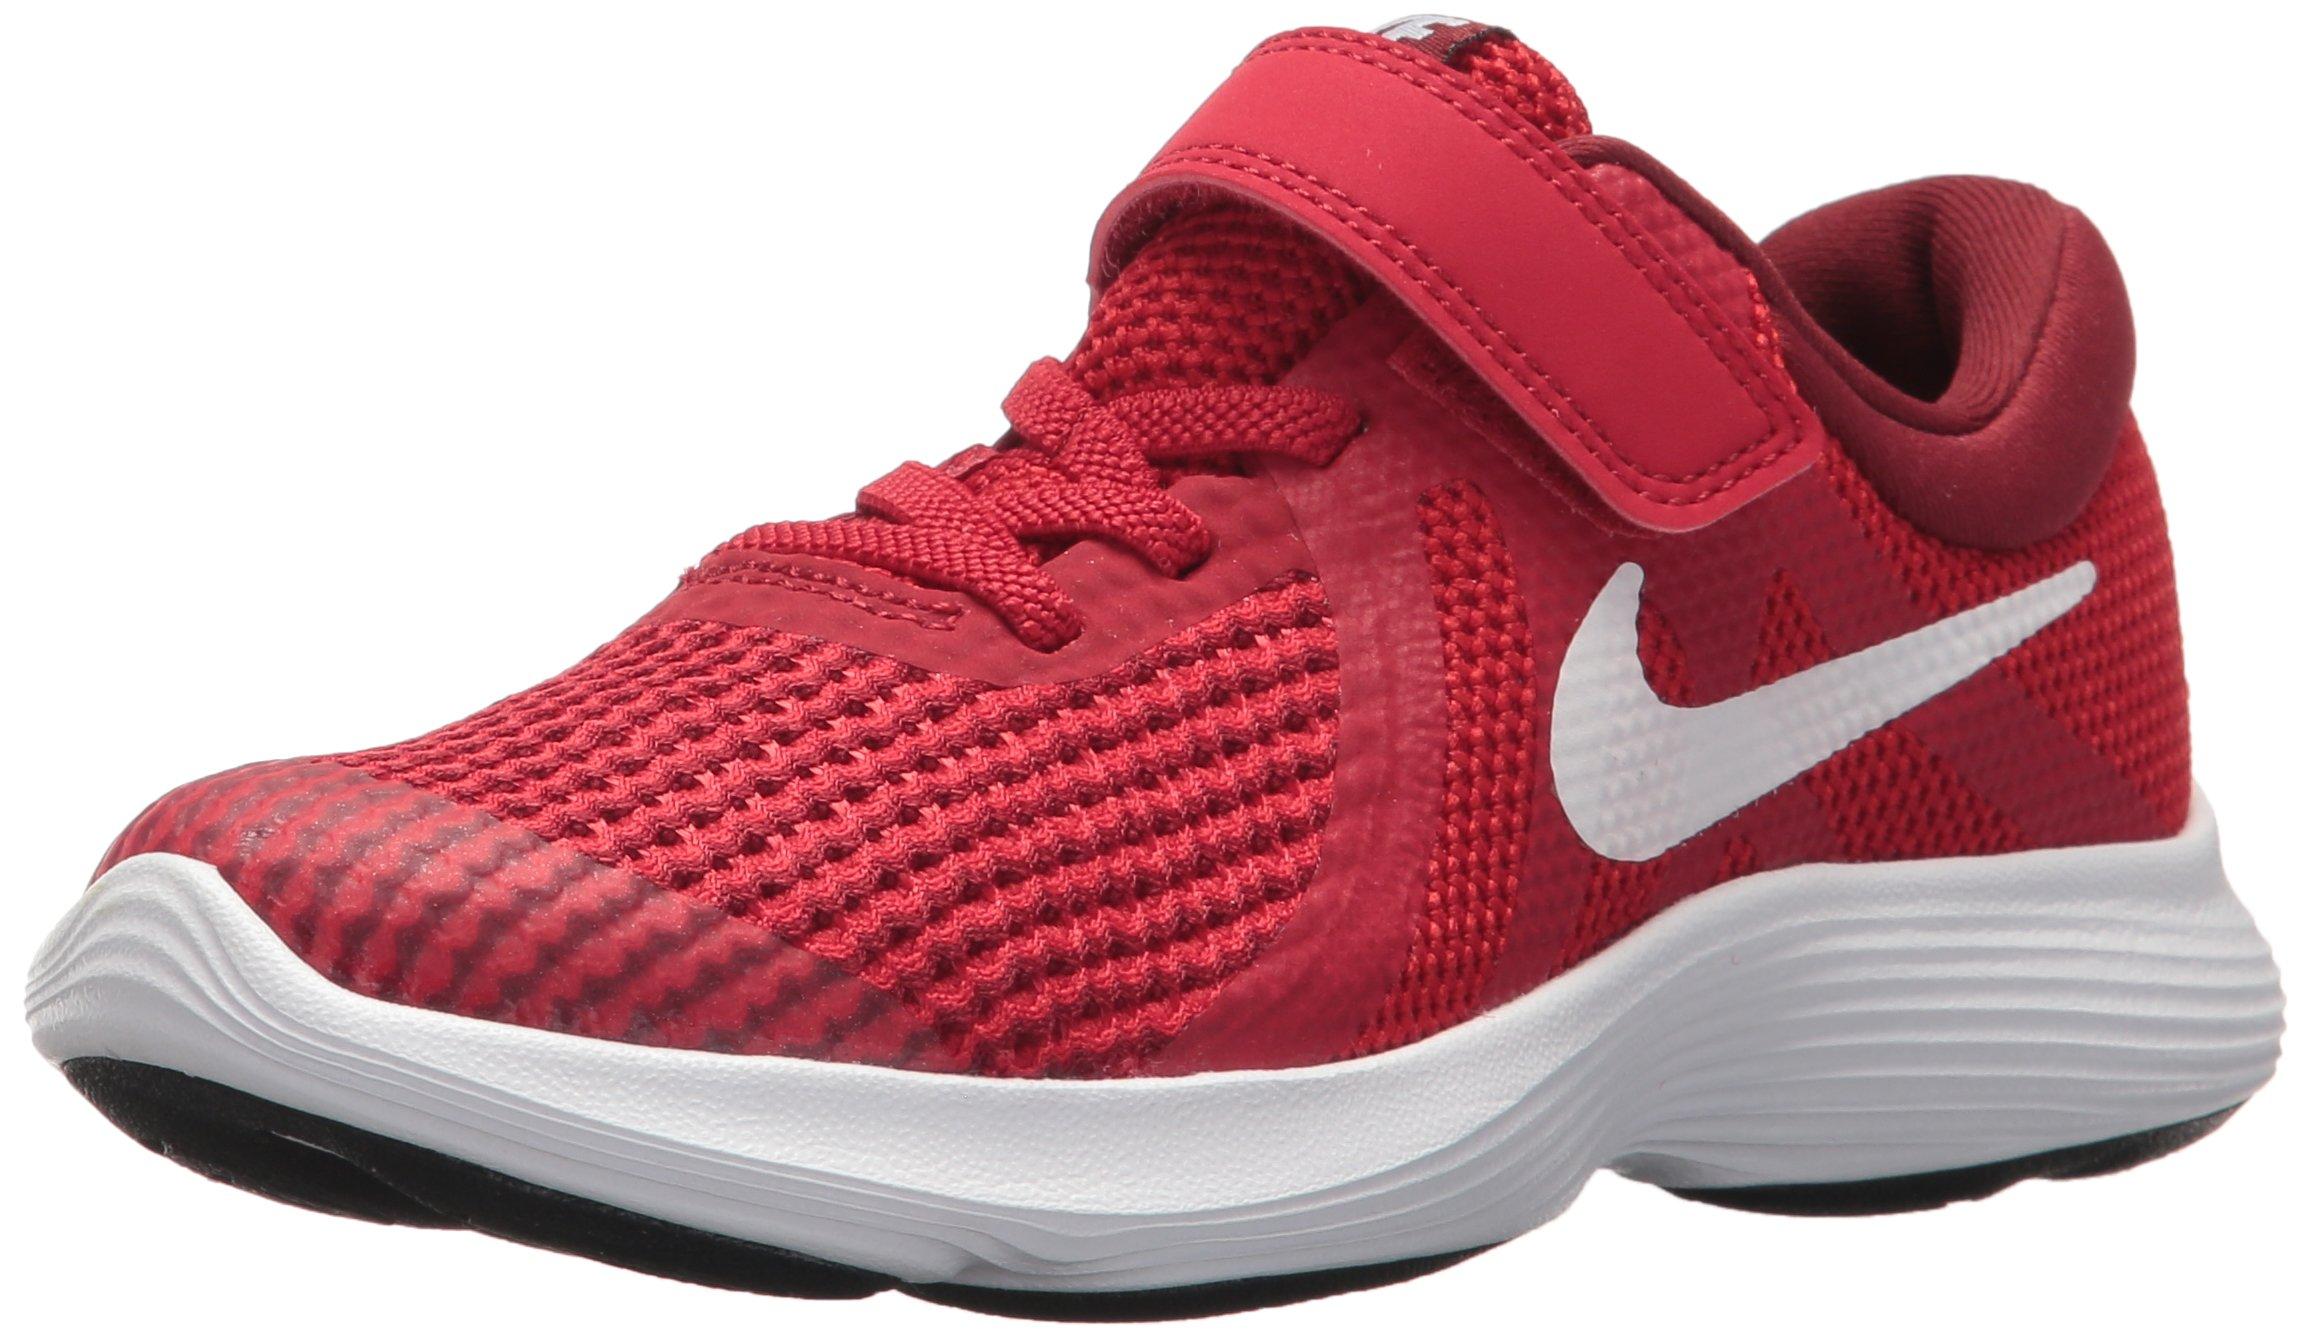 Nike Boys' Revolution 4 (TDV) Running Shoe, Gym White-Team red-Black, 9C Regular US Toddler